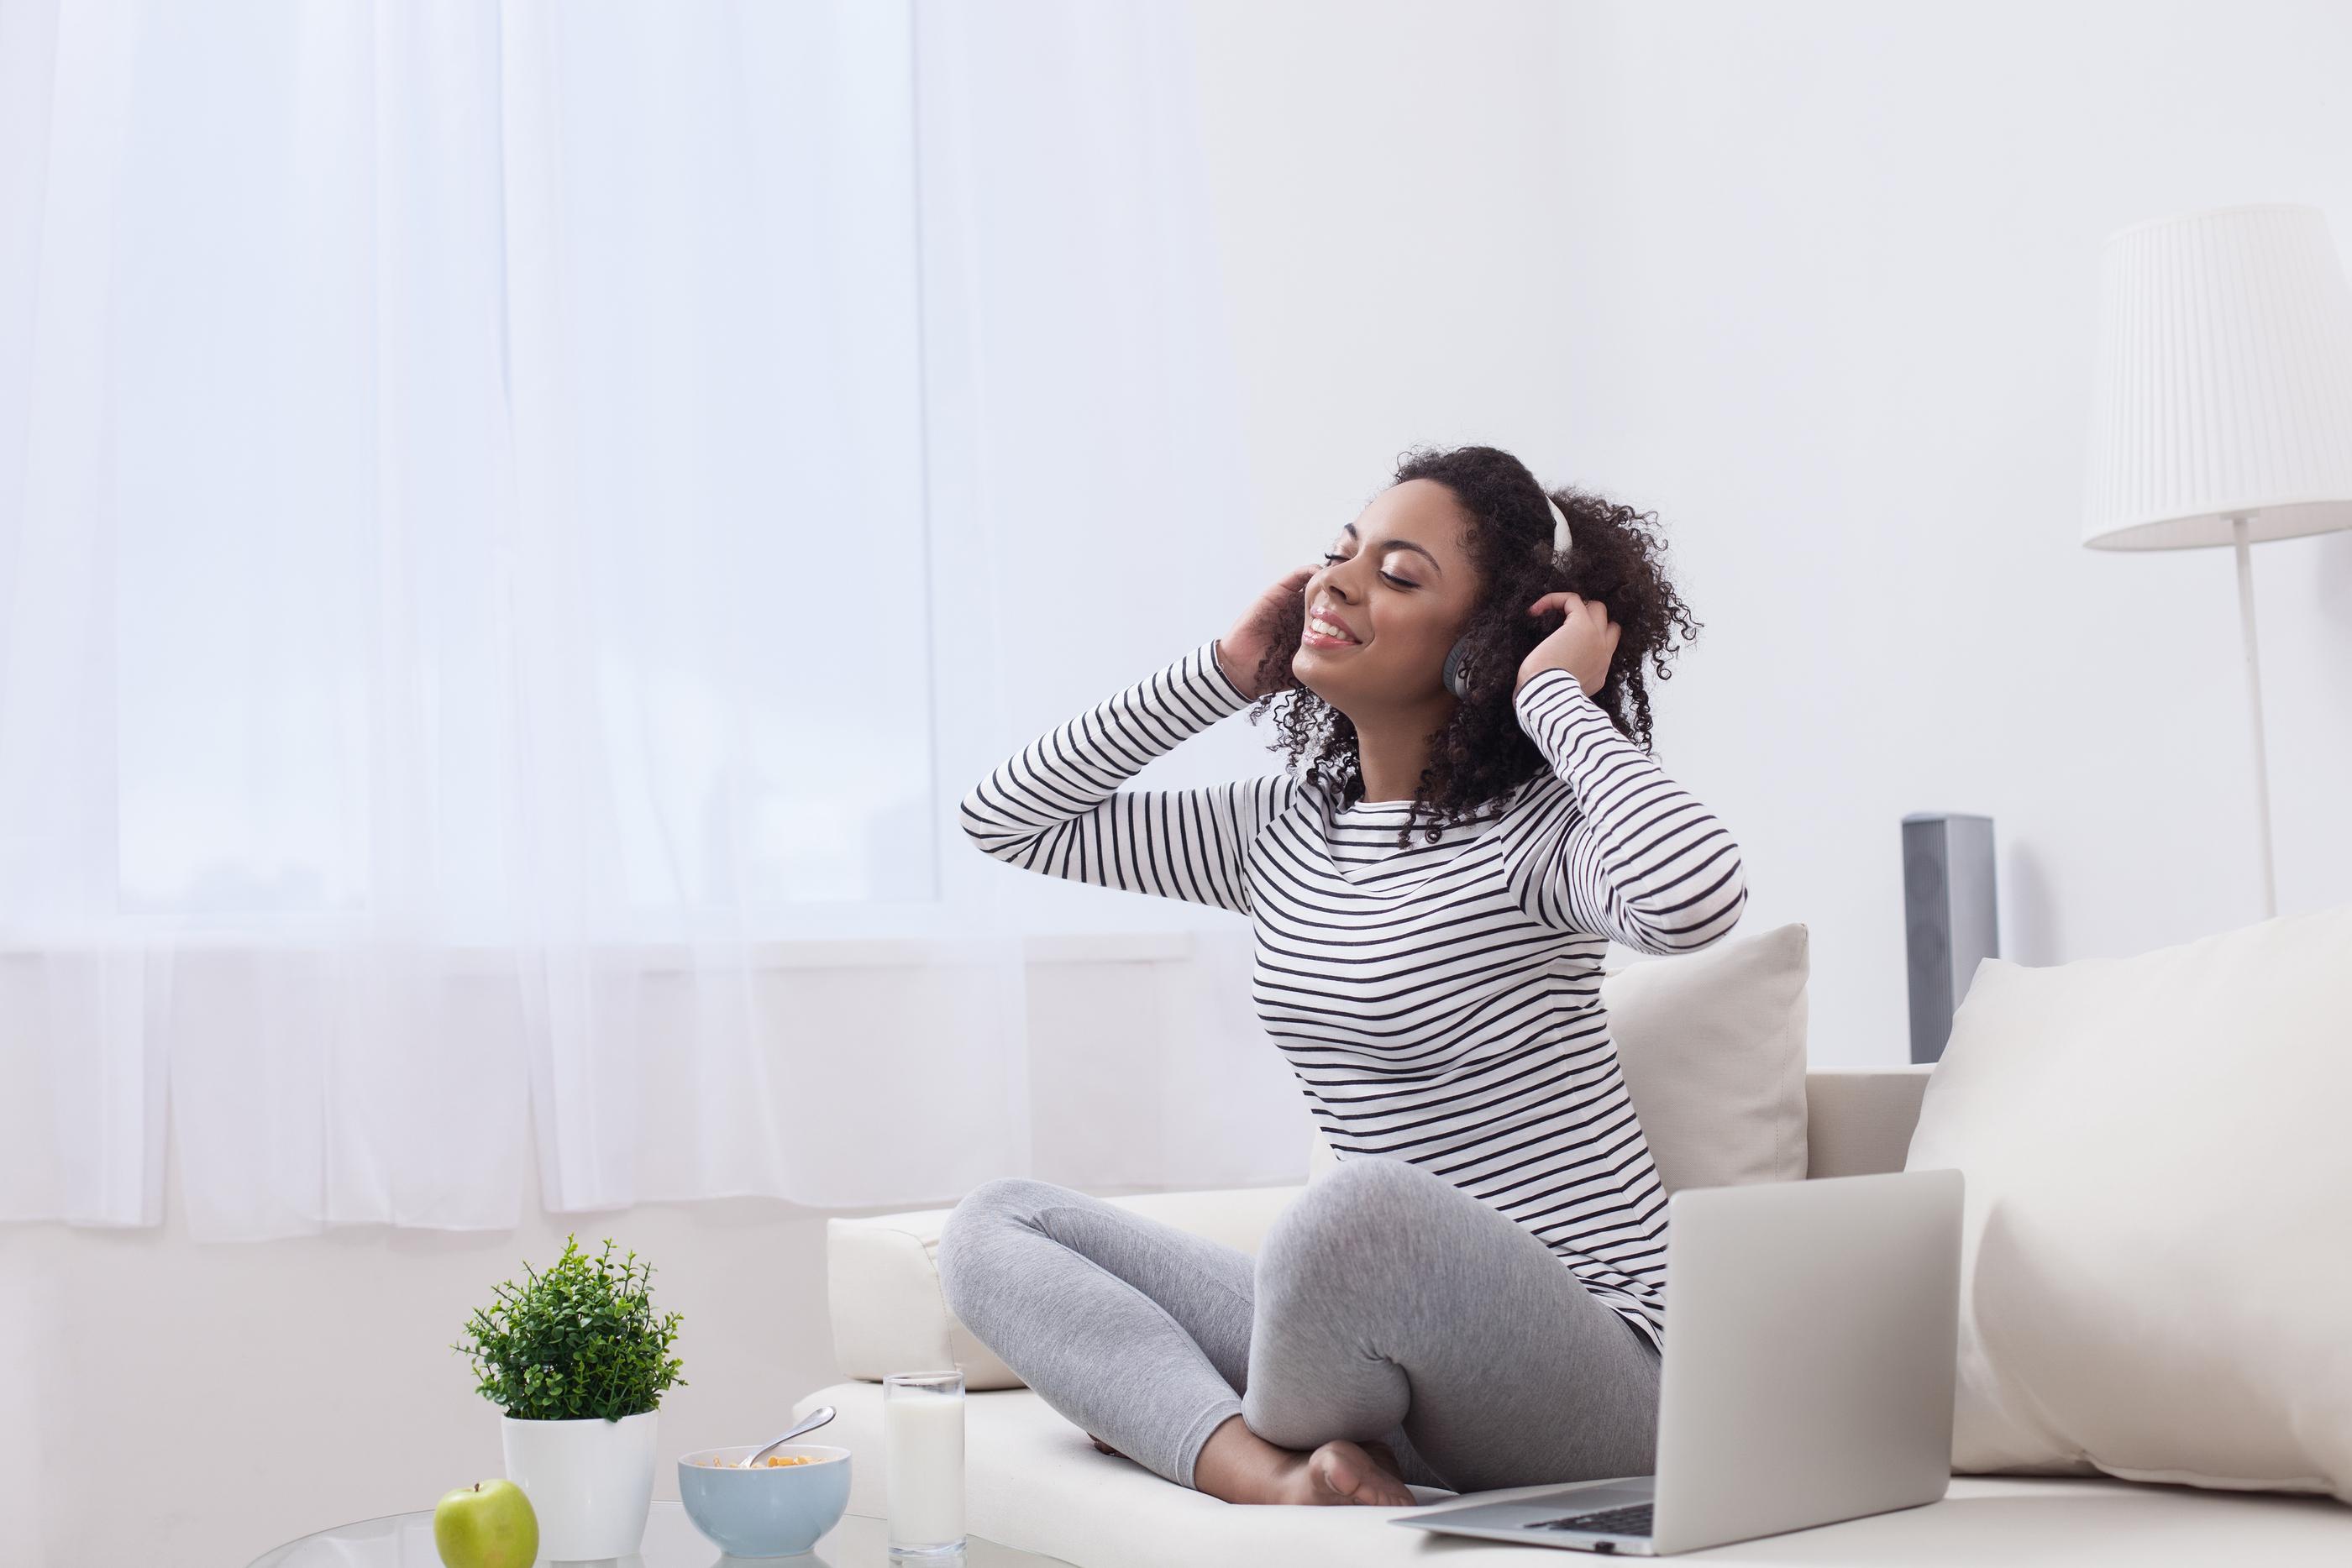 L'importance pour votre santé de la lumière naturelle dans votre logement